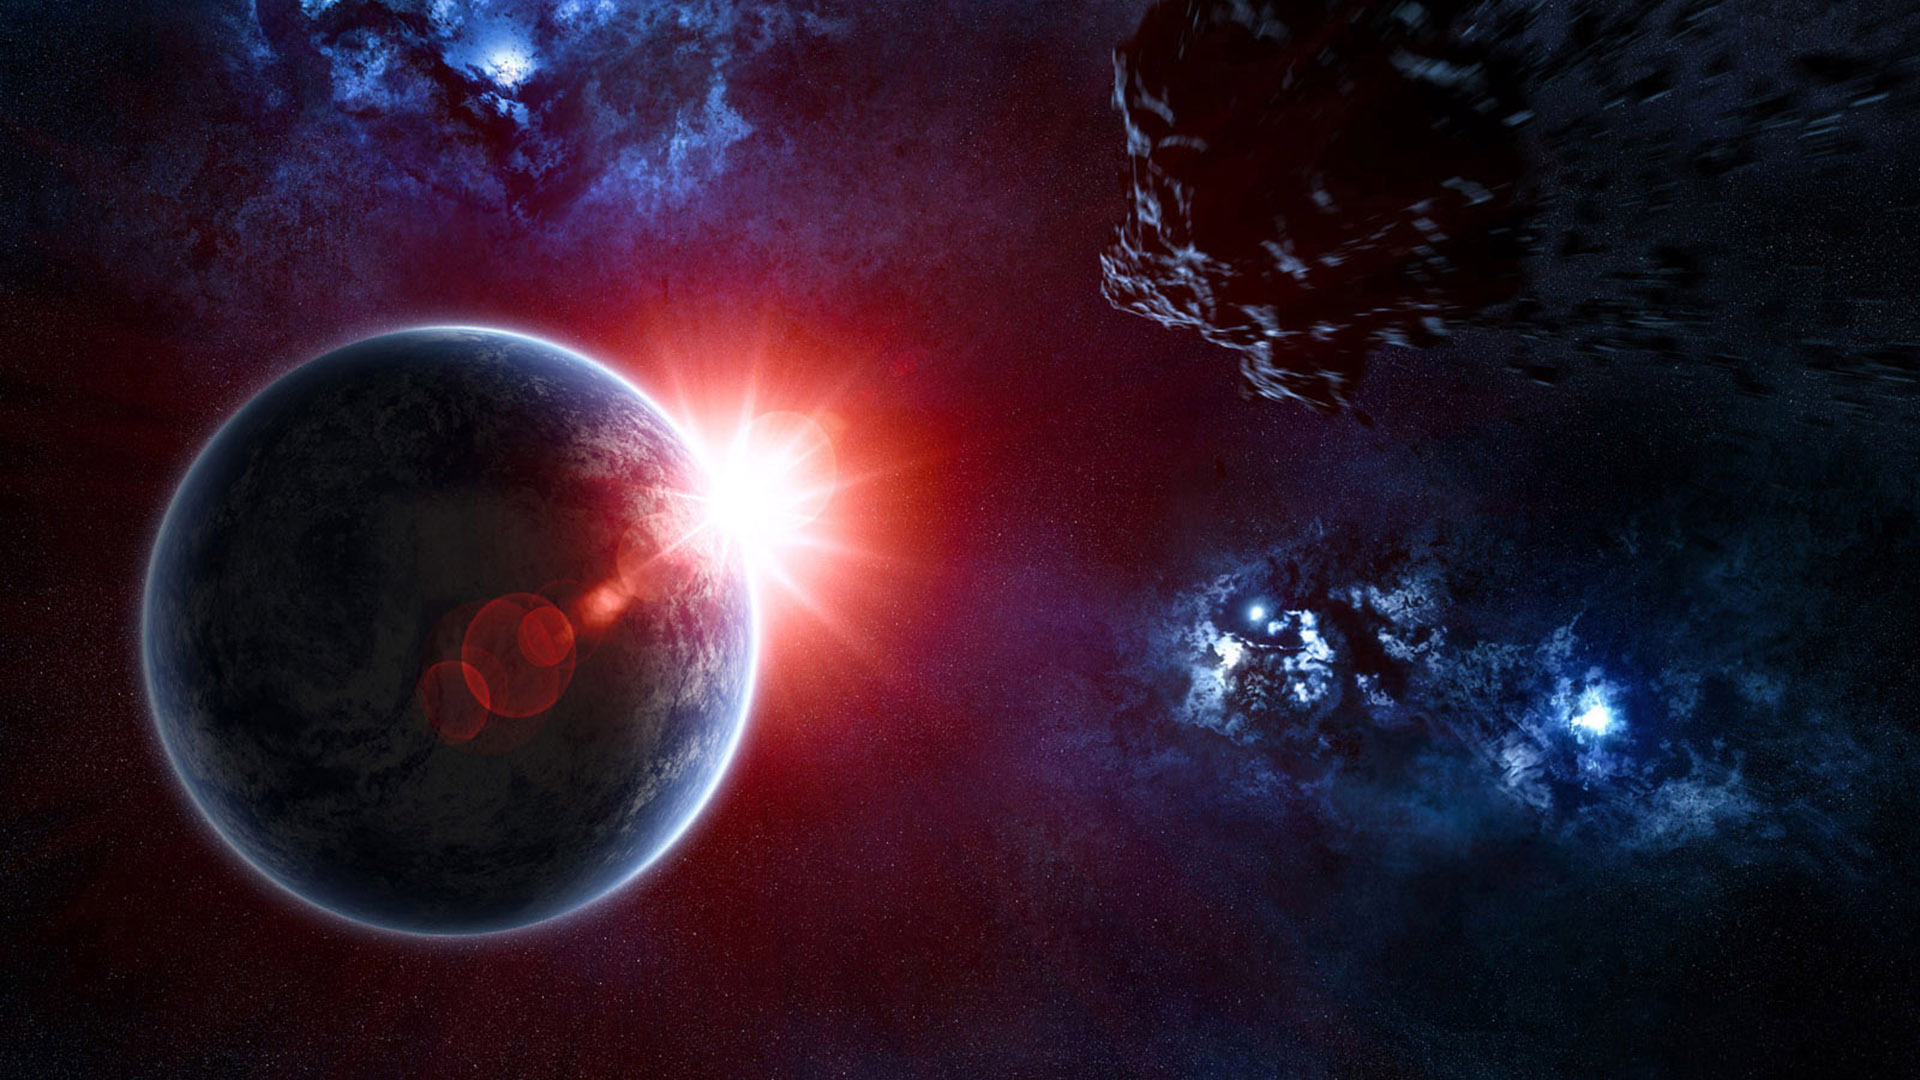 sci fi planet wallpaper - photo #23